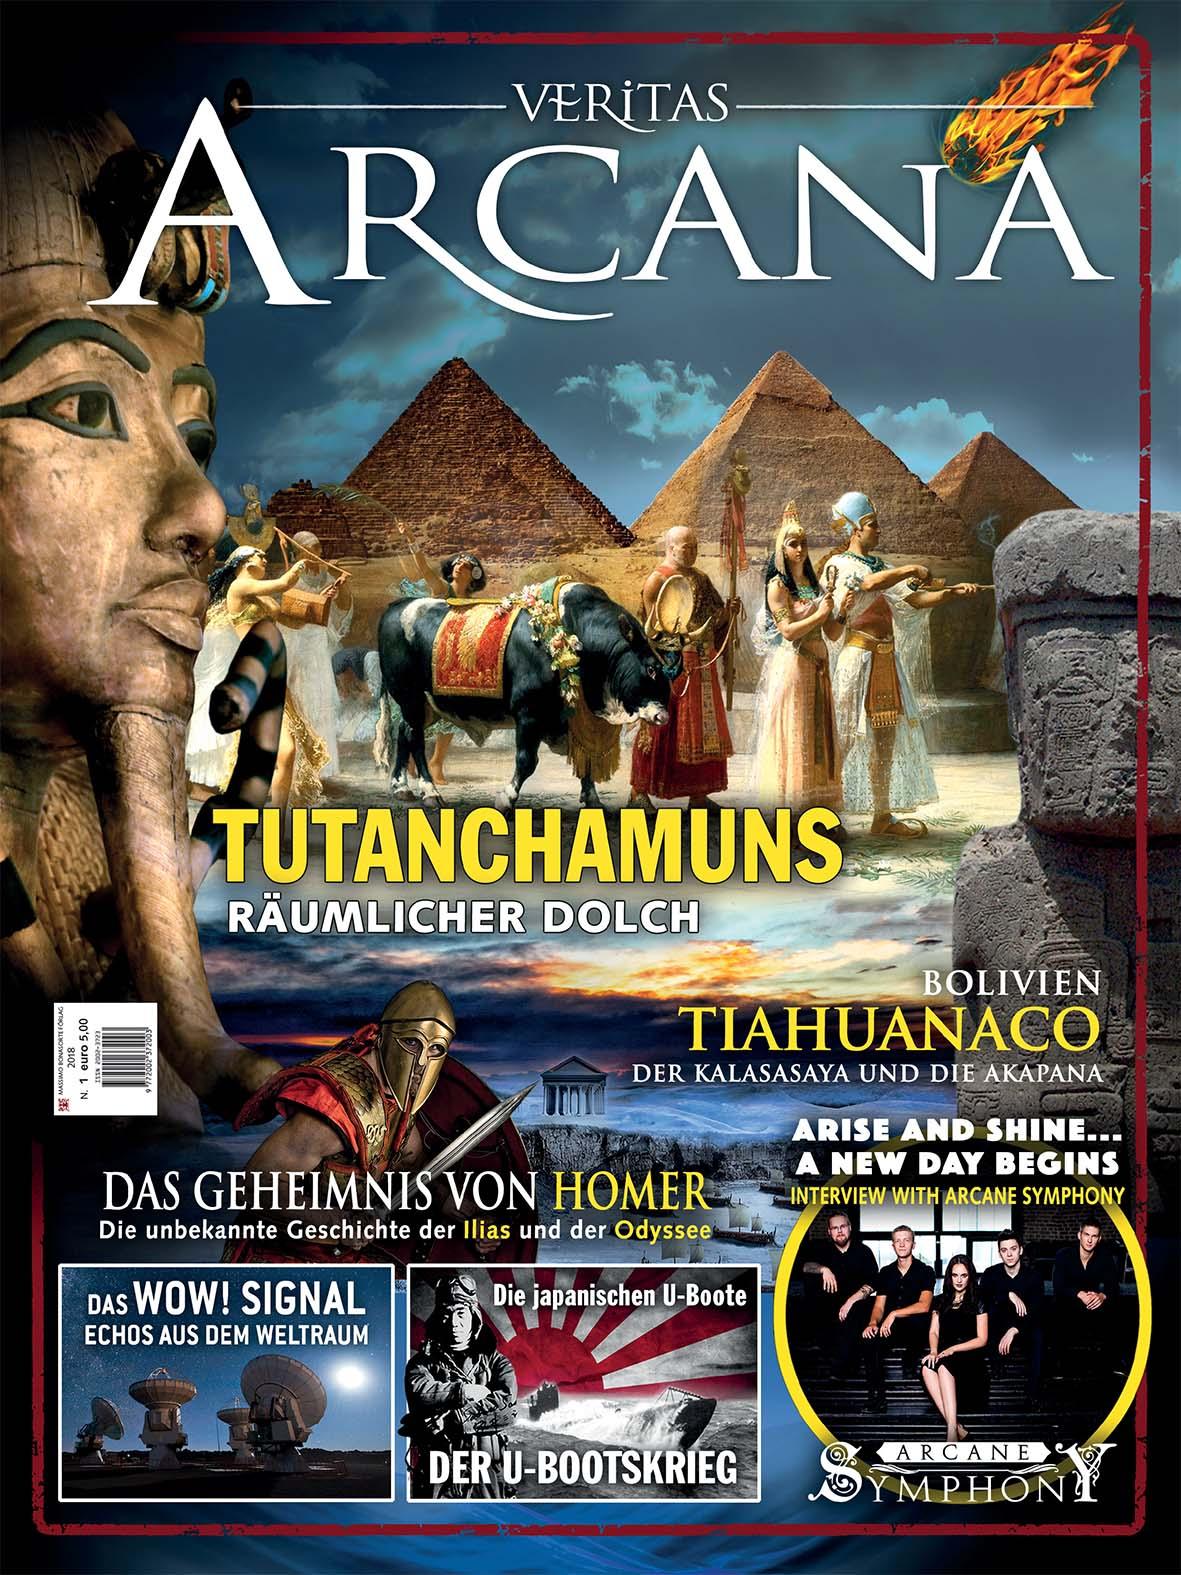 01-copertina arcana veritas 1_2017